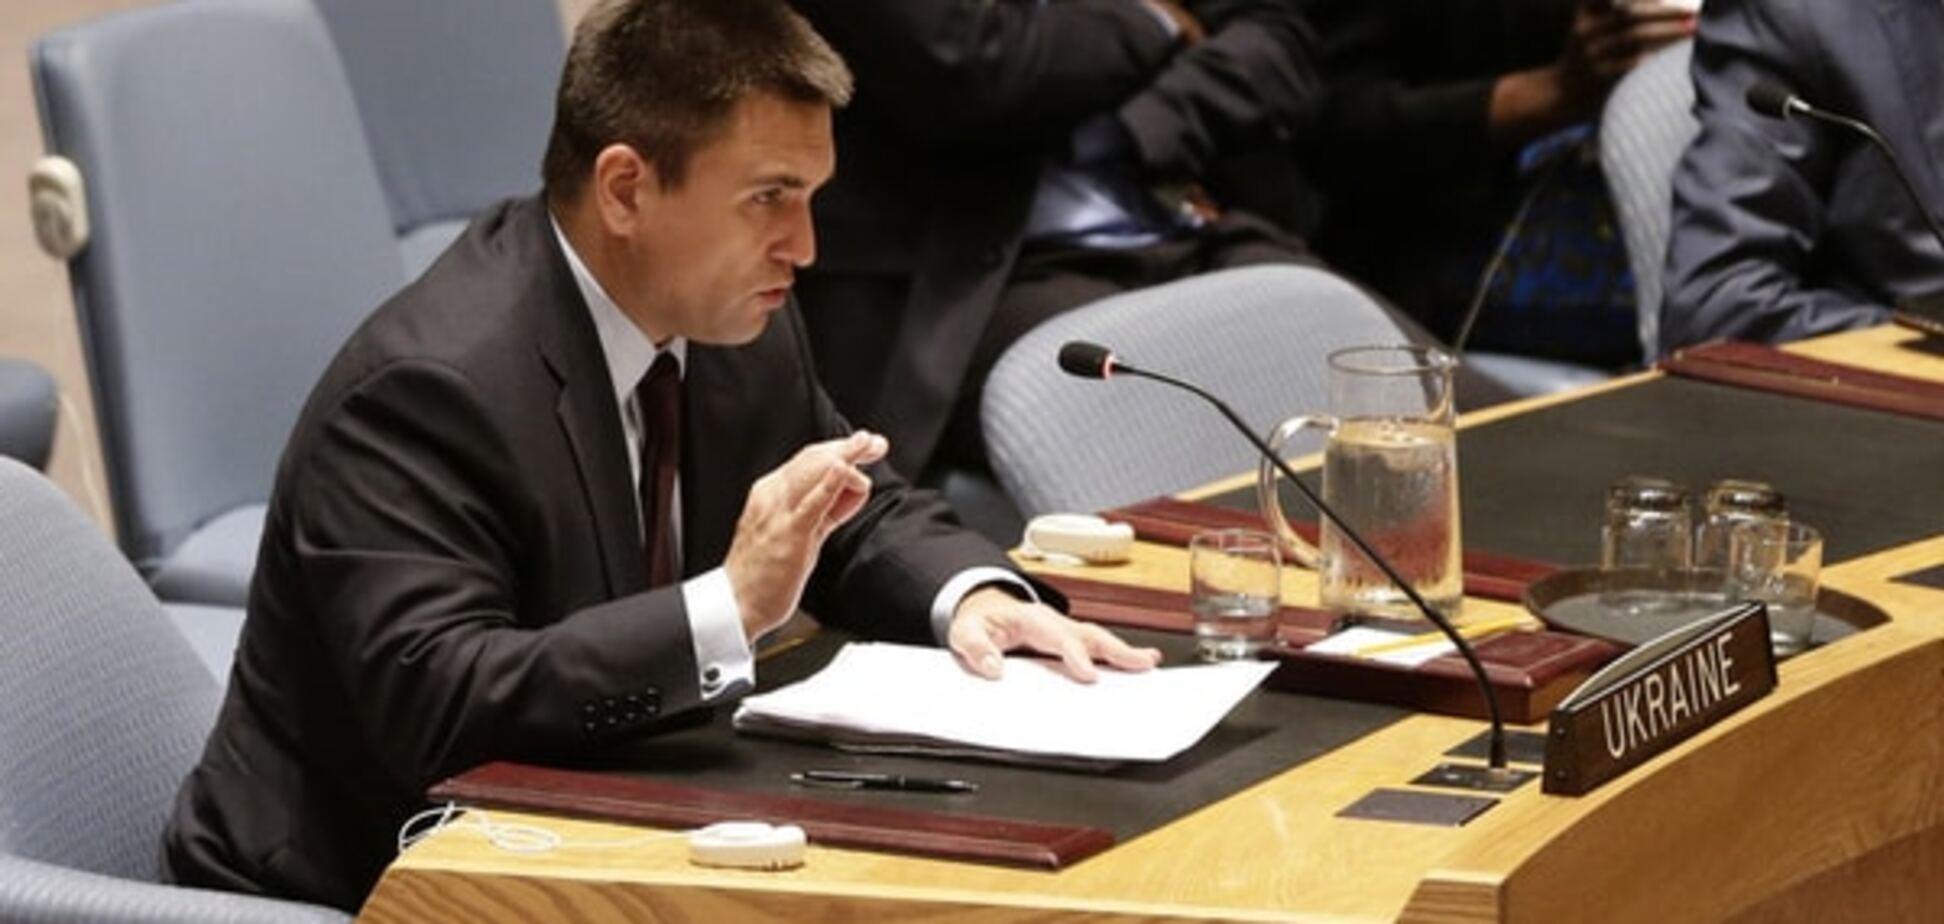 Украину будут 'экзаменовать' сразу 8 миссий ЕС